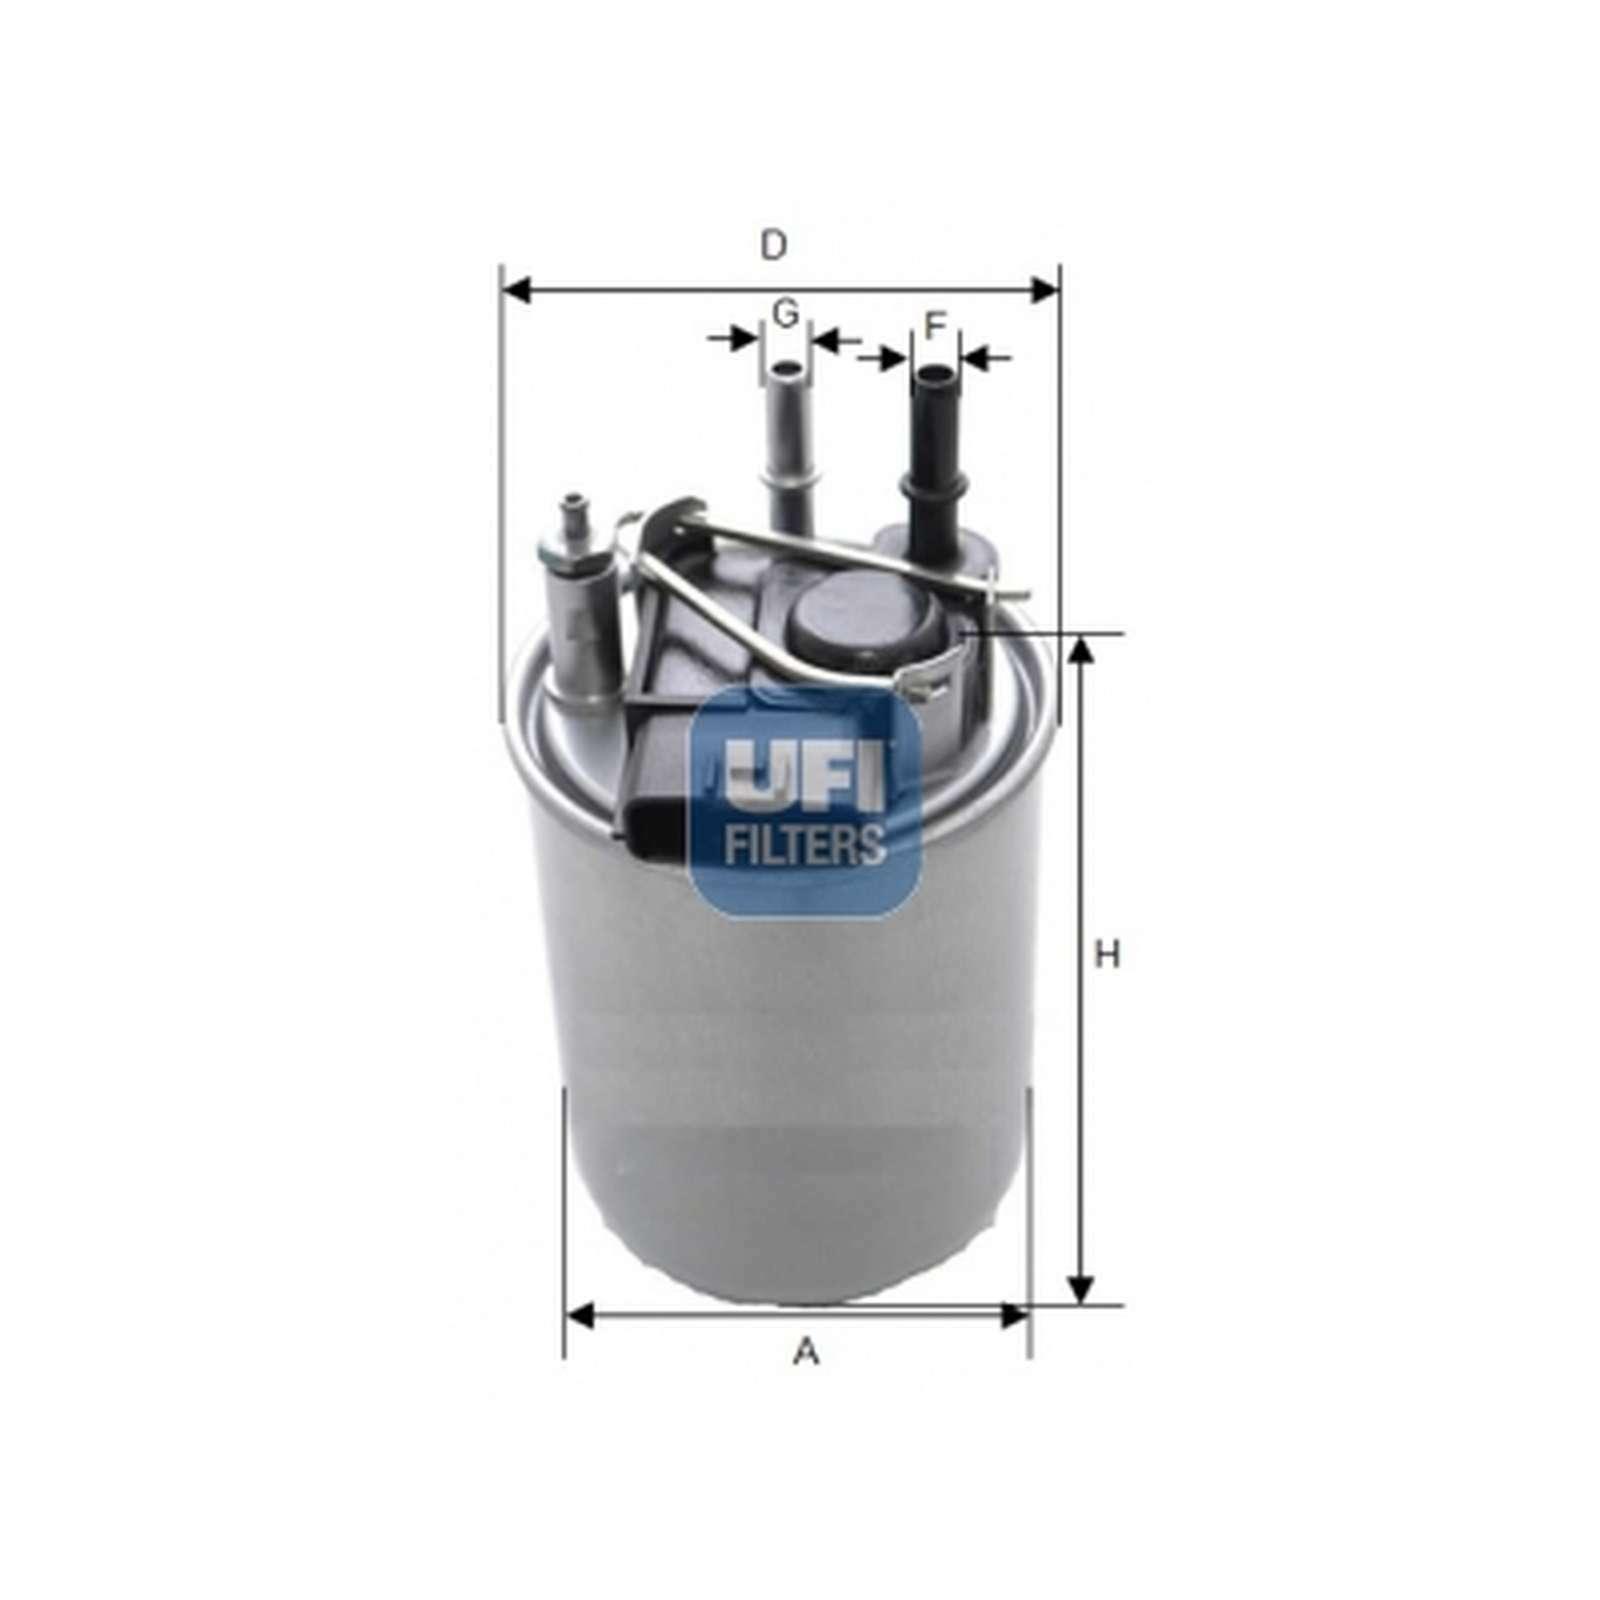 24.080.00 Genuine UFI Fuel Filter